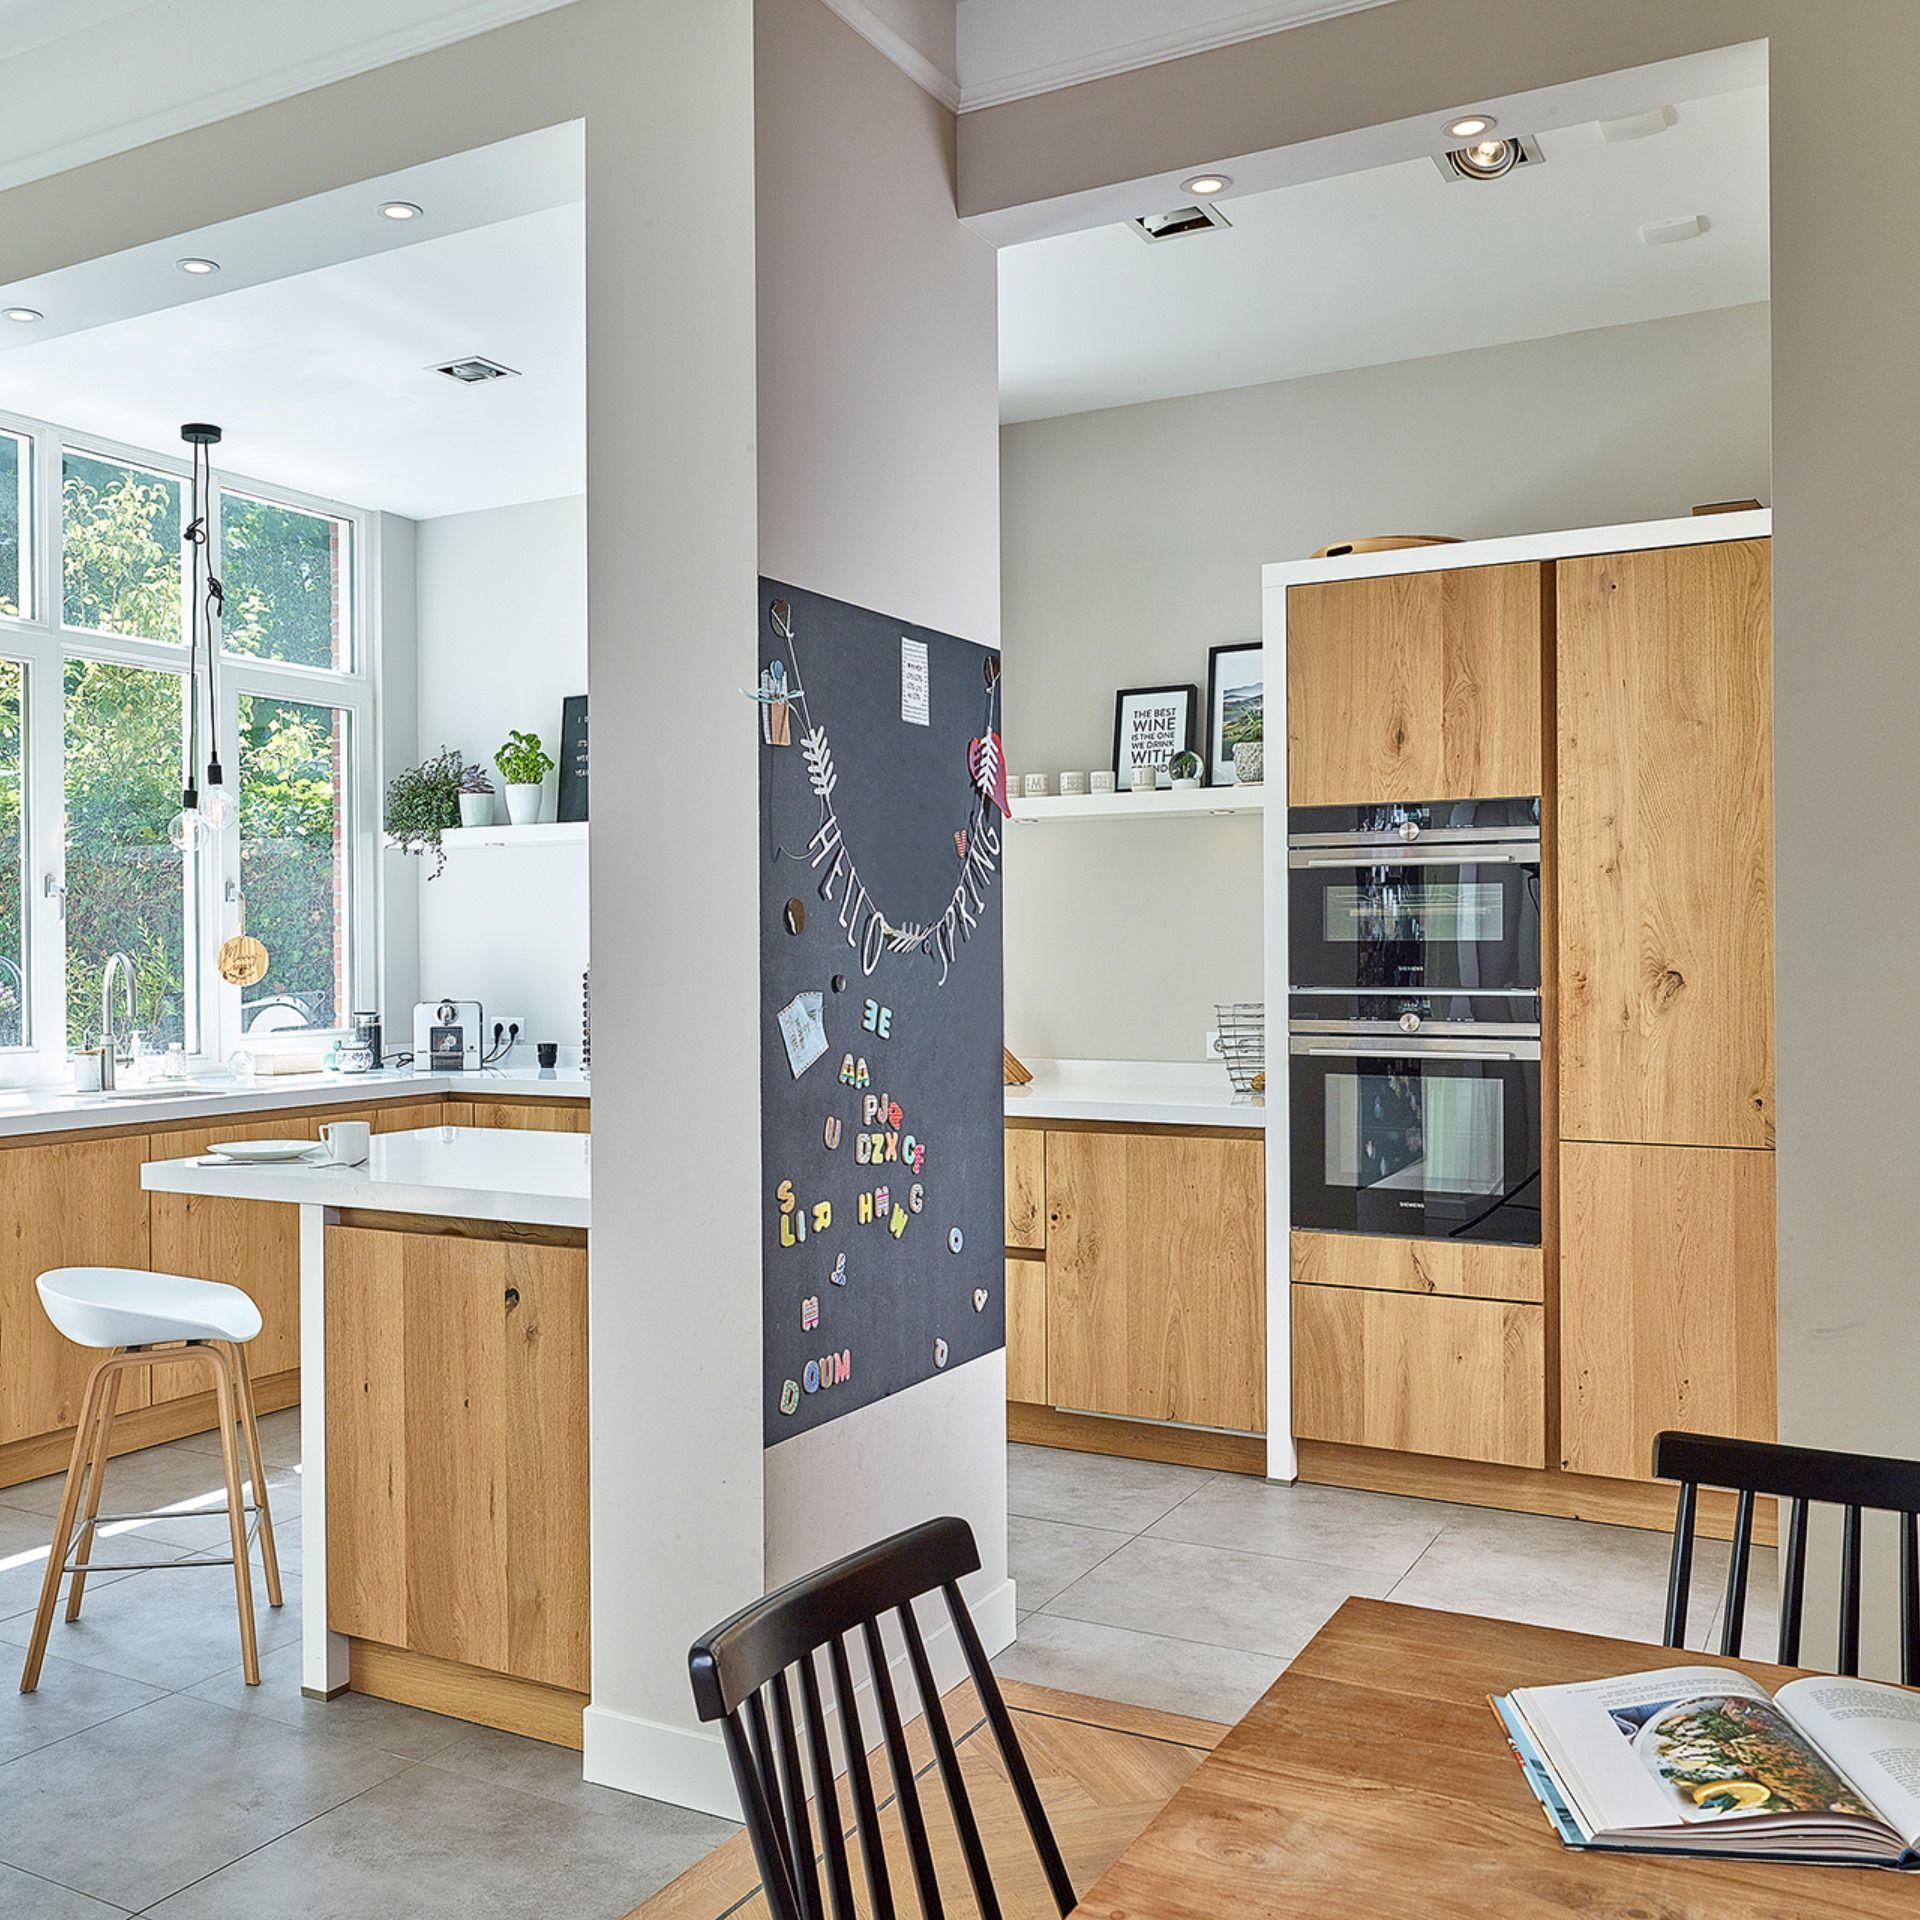 Robust Und Warm Moderne Kuche Haus Kuchen Landhauskuche